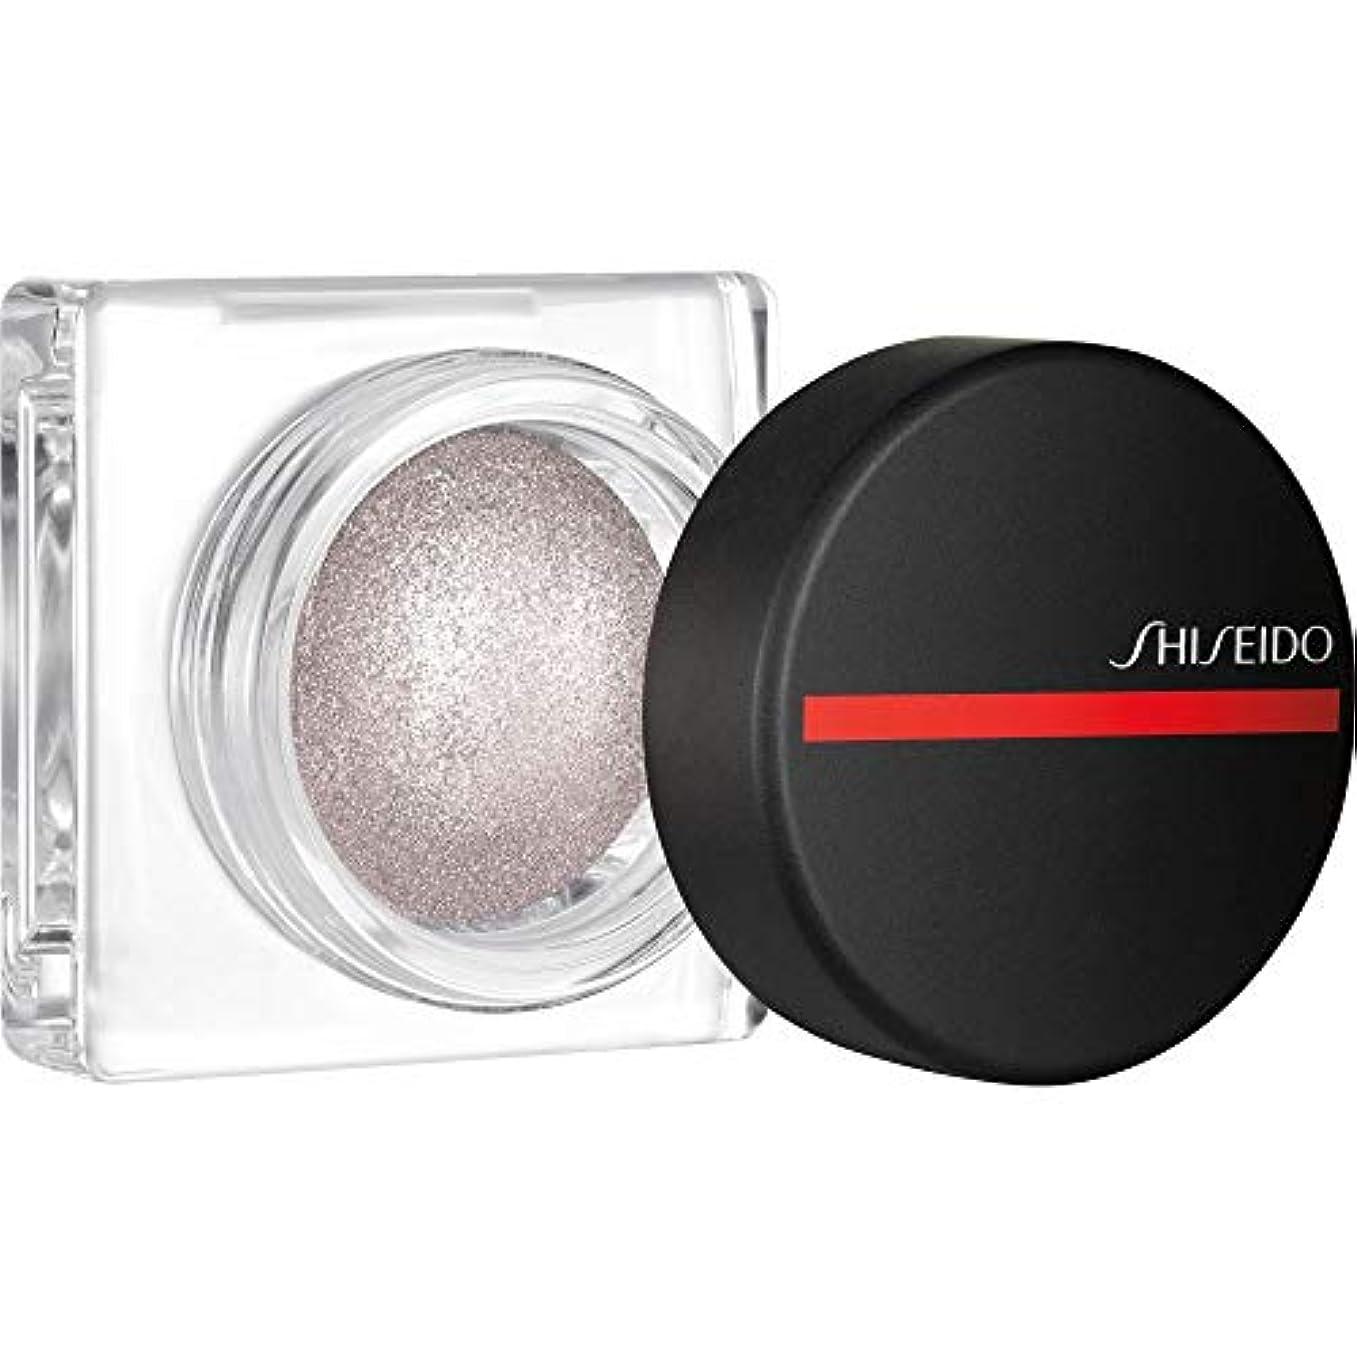 独立して春スキャン[Shiseido] 資生堂のオーラ露の4.8グラム01 - 月面 - Shiseido Aura Dew 4.8g 01 - Lunar [並行輸入品]